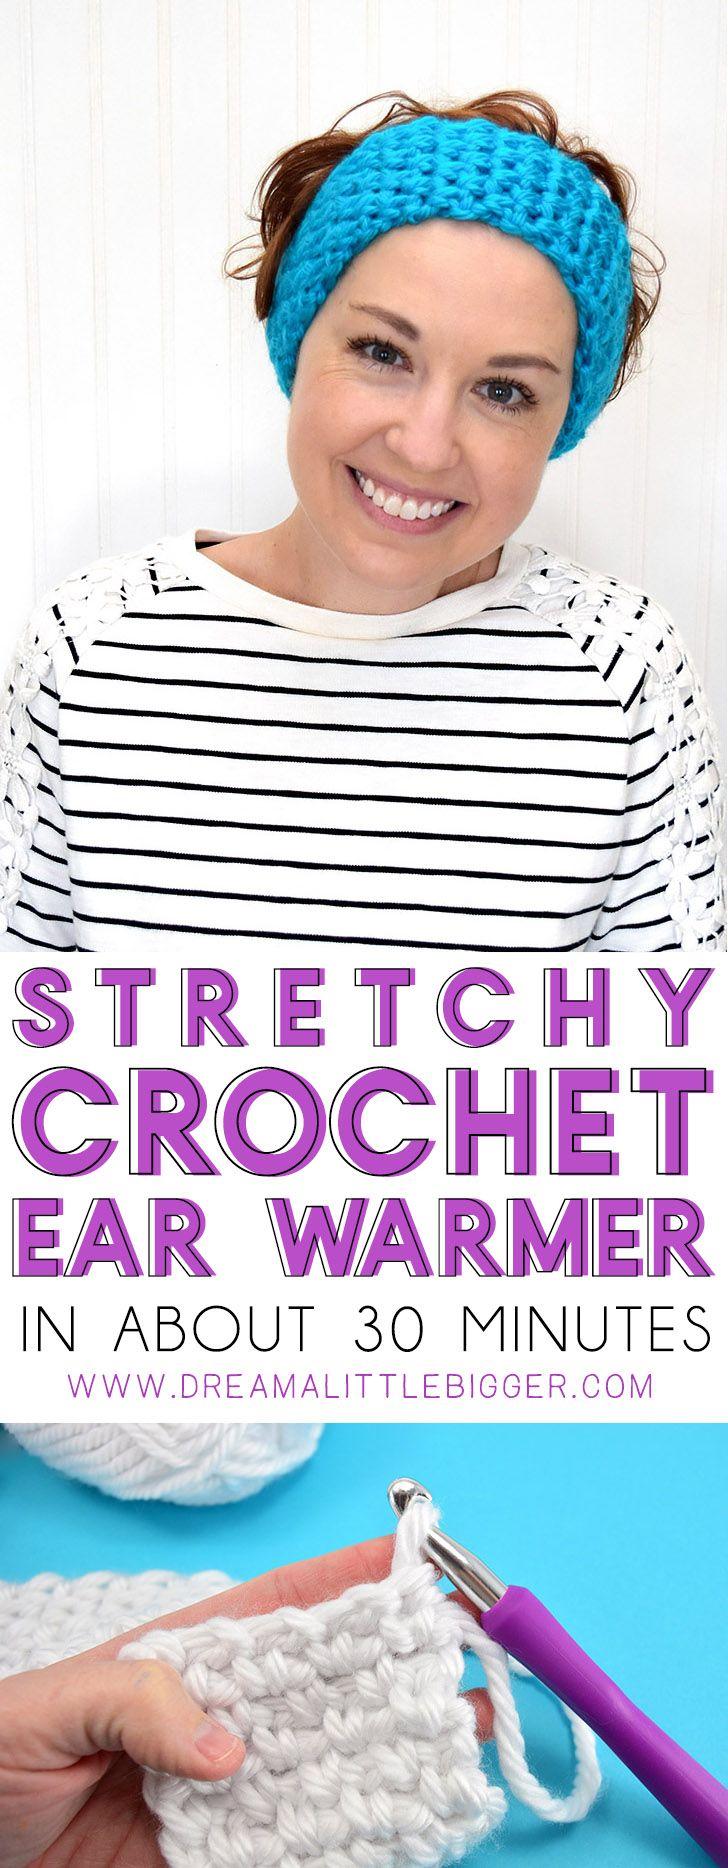 How to Crochet a Stretchy Ear Warmer | Pinterest | Gorros y Tejido